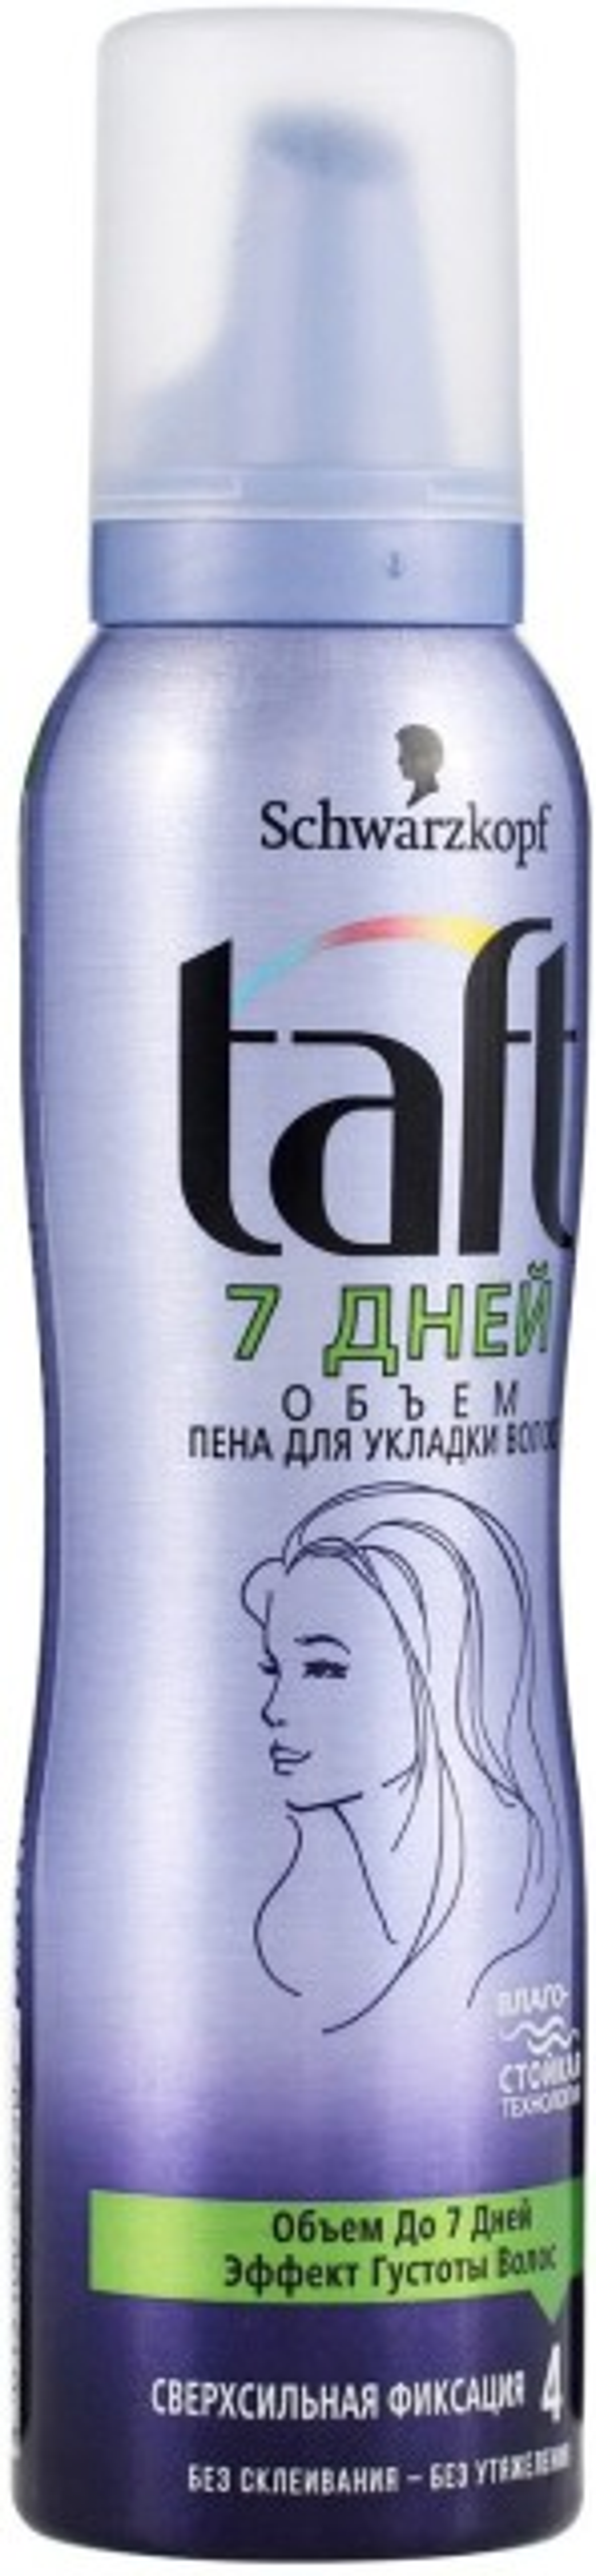 Тафт пена для волос 7дней сверхсил. фикс. 150мл купить в Москве по цене от 0 рублей